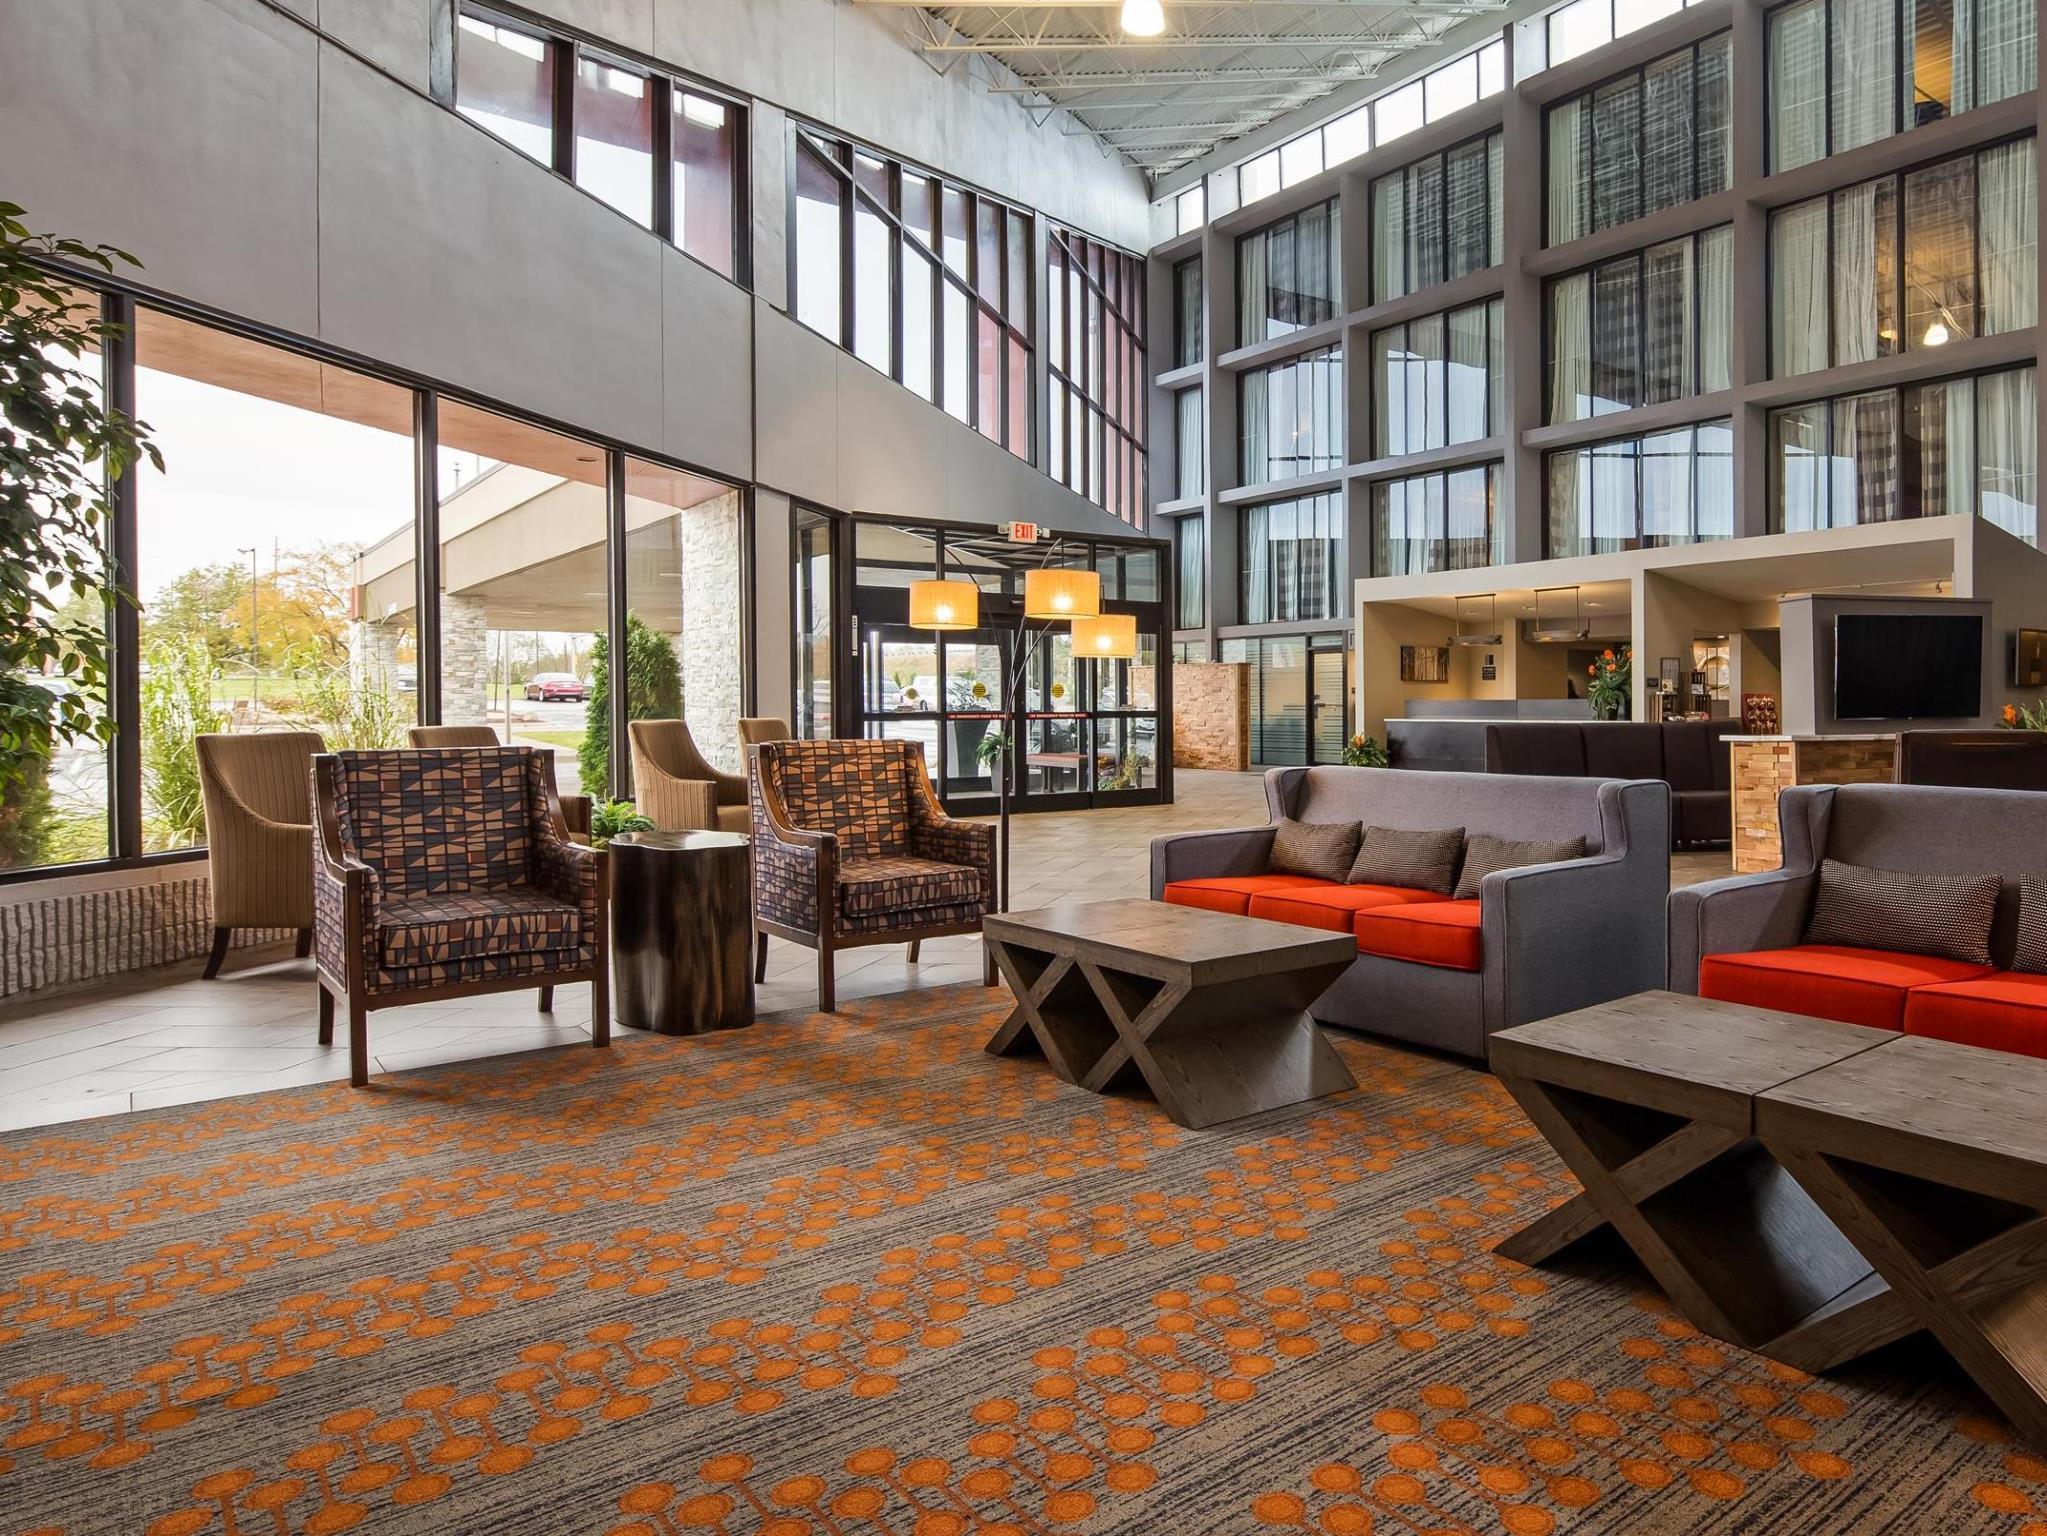 Best Western Premier Alton St. Louis Area Hotel